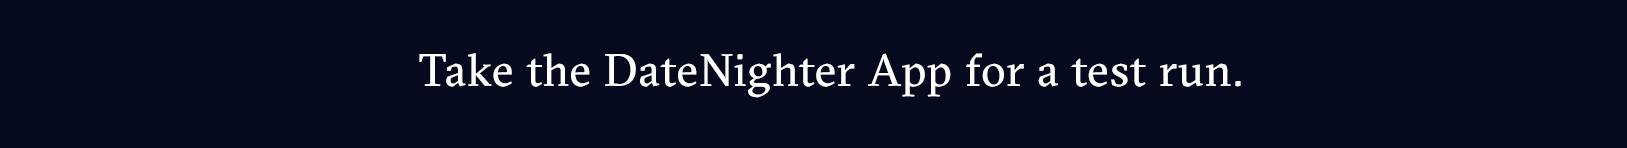 datenighter_testrun_button.png